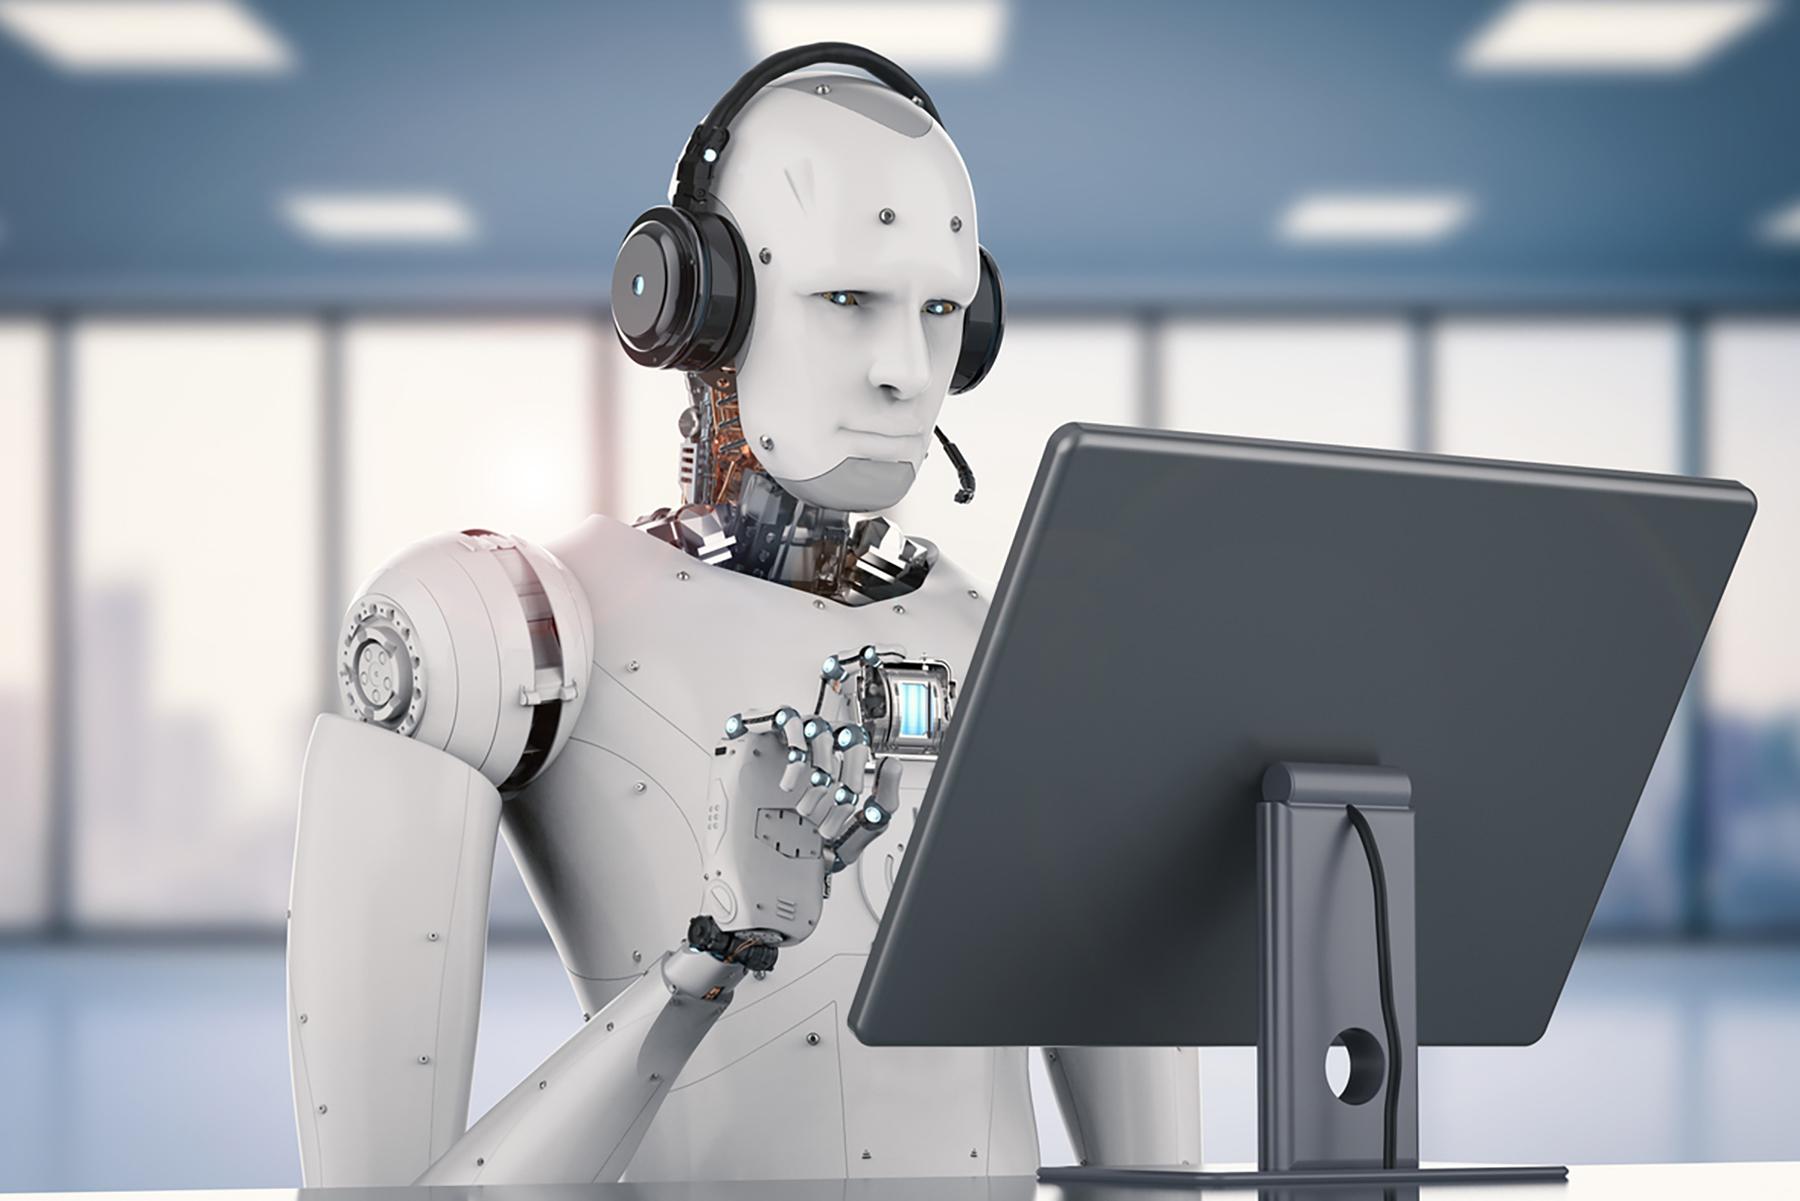 Le traducteur machine menace-t-il le traducteur humain? - Faculté de l'éducation permanente de l'Université de Montréal